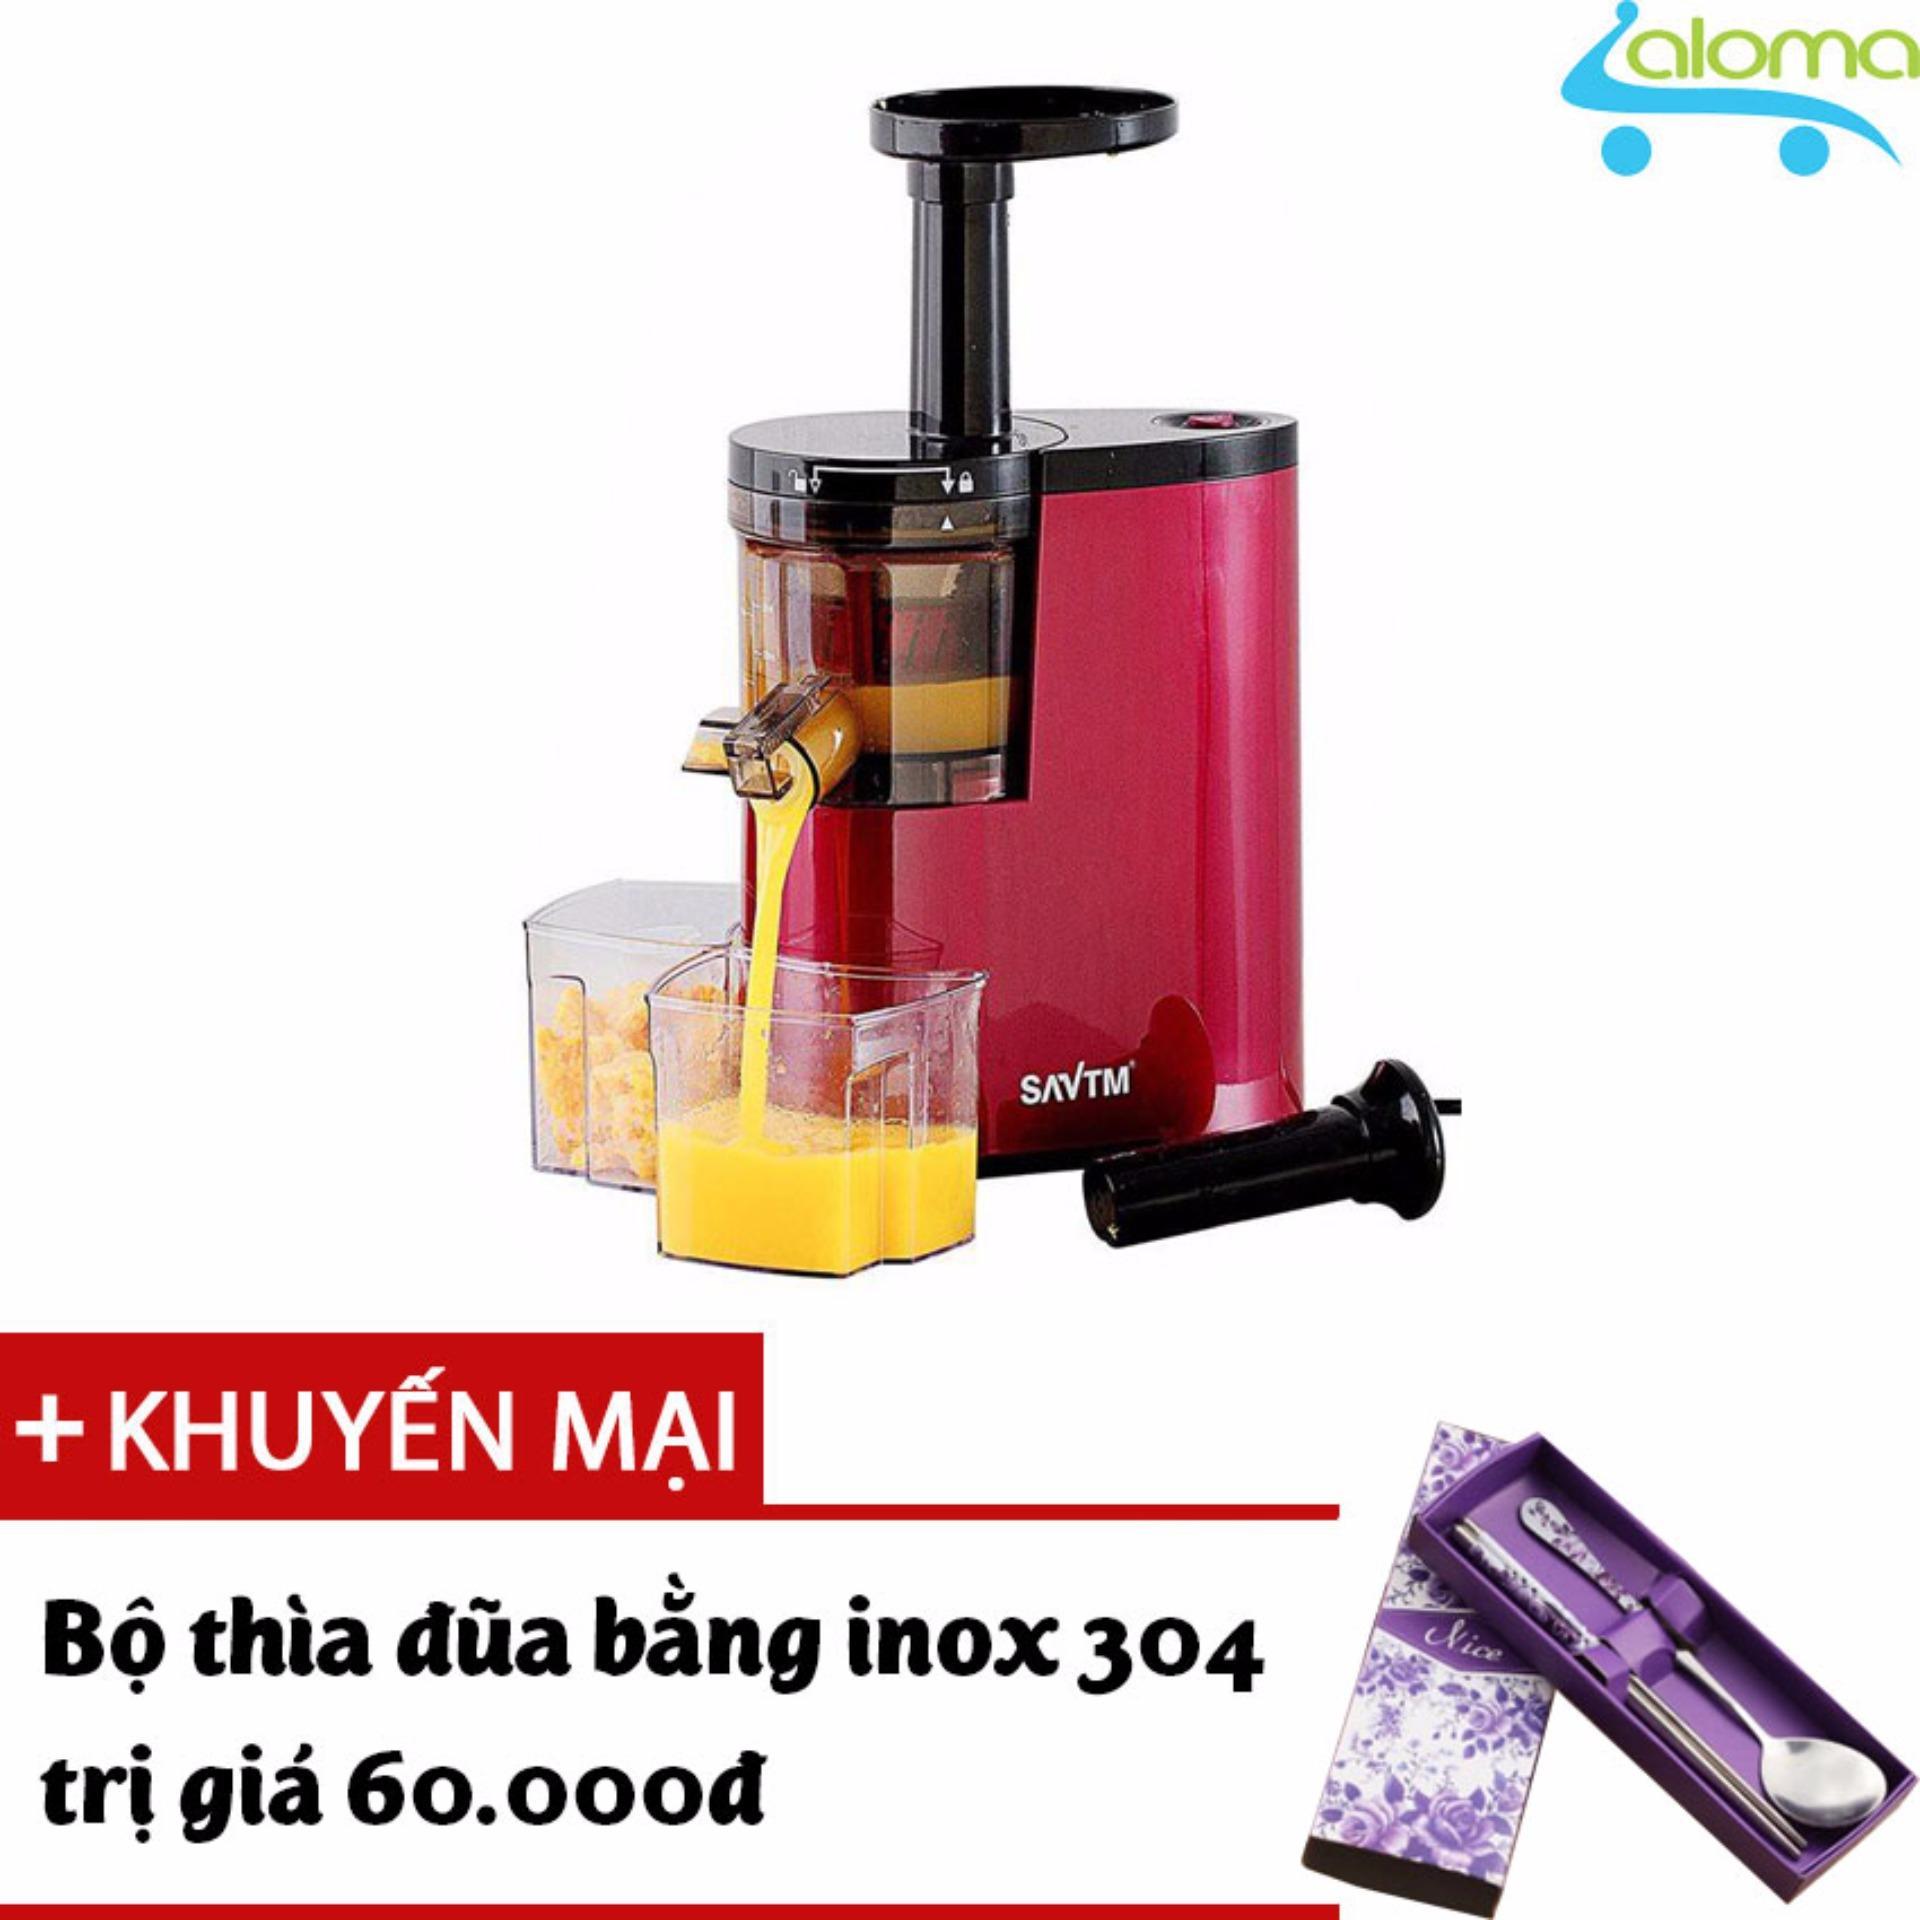 Trang bán Máy ép trái cây cao cấp tốc độ chậm SAVTM 80 vòng/phút JE-07(Đỏ) Tặng bộ thìa đũa Inox